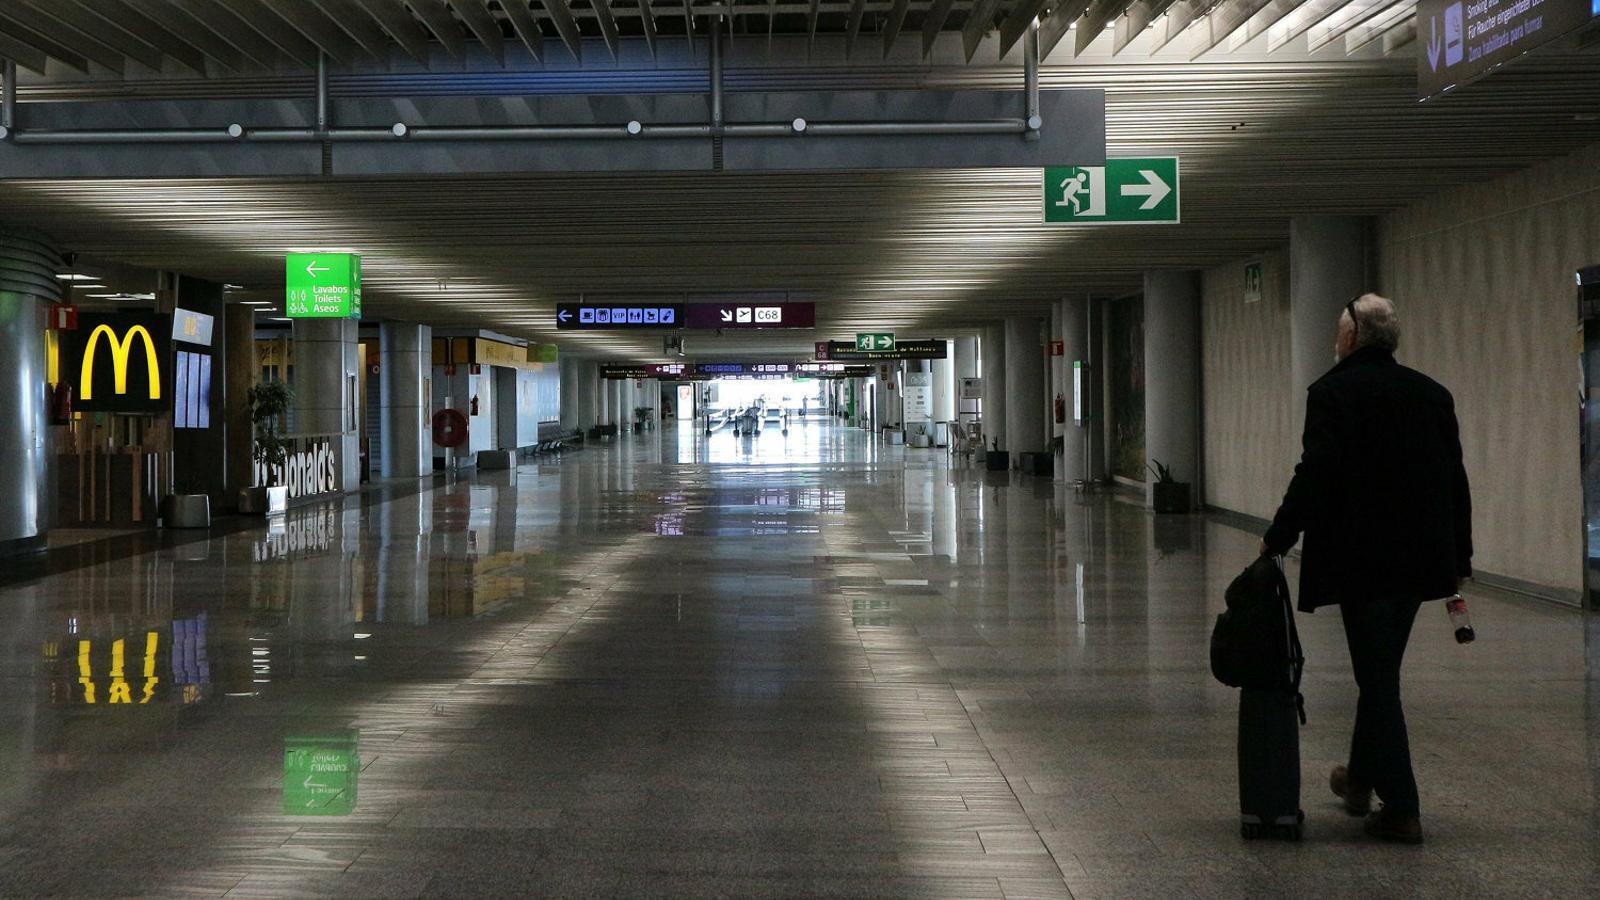 El coronavirus pot obrir                                    a les Balears una crisi pitjor que la del 2008